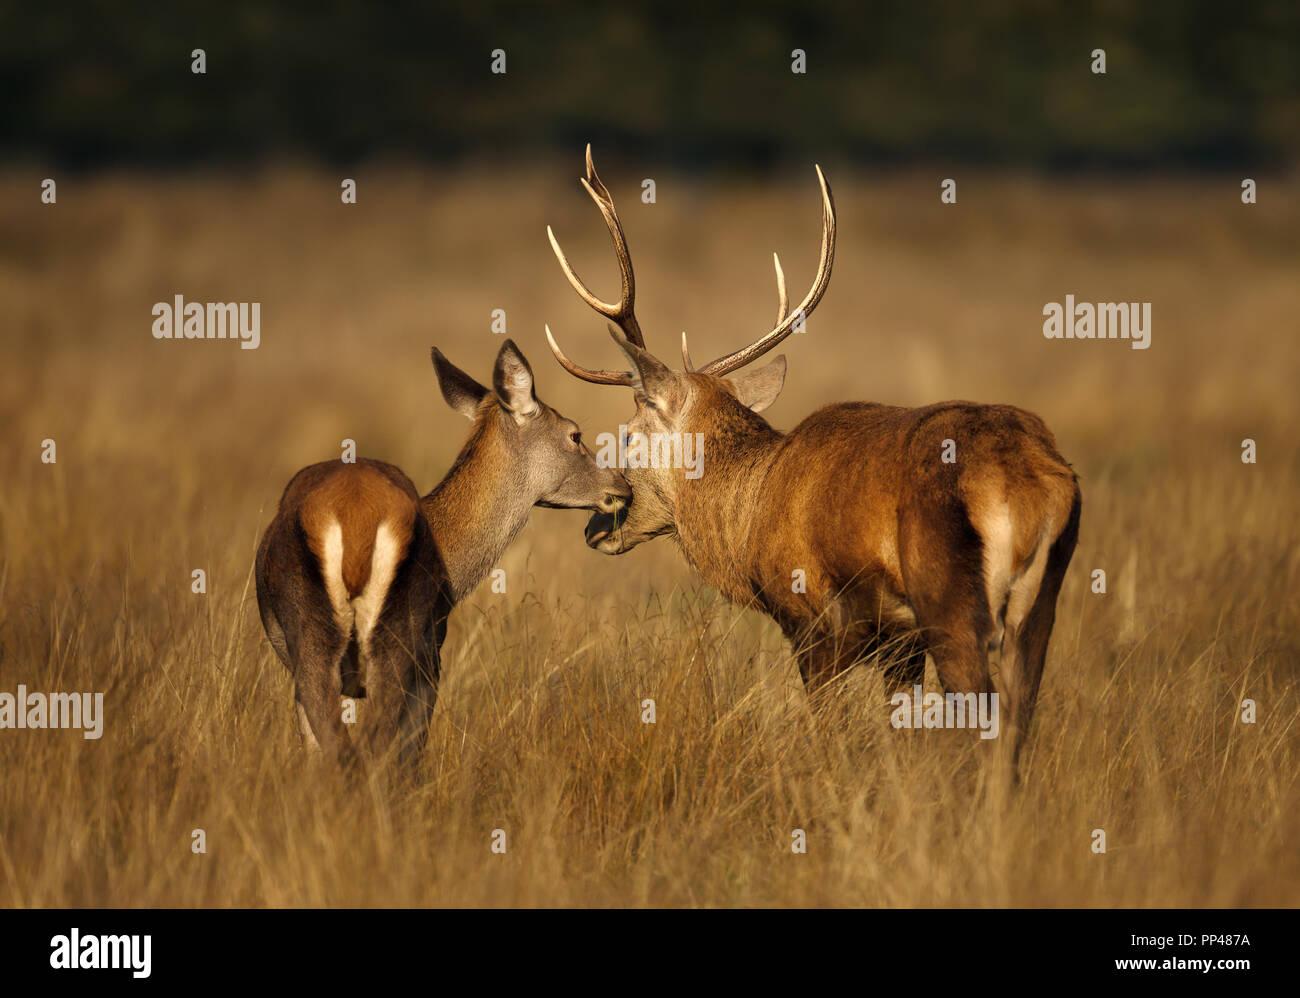 In der Nähe des Red deer Hirsch und eine Hirschkuh im Herbst, UK. Stockbild